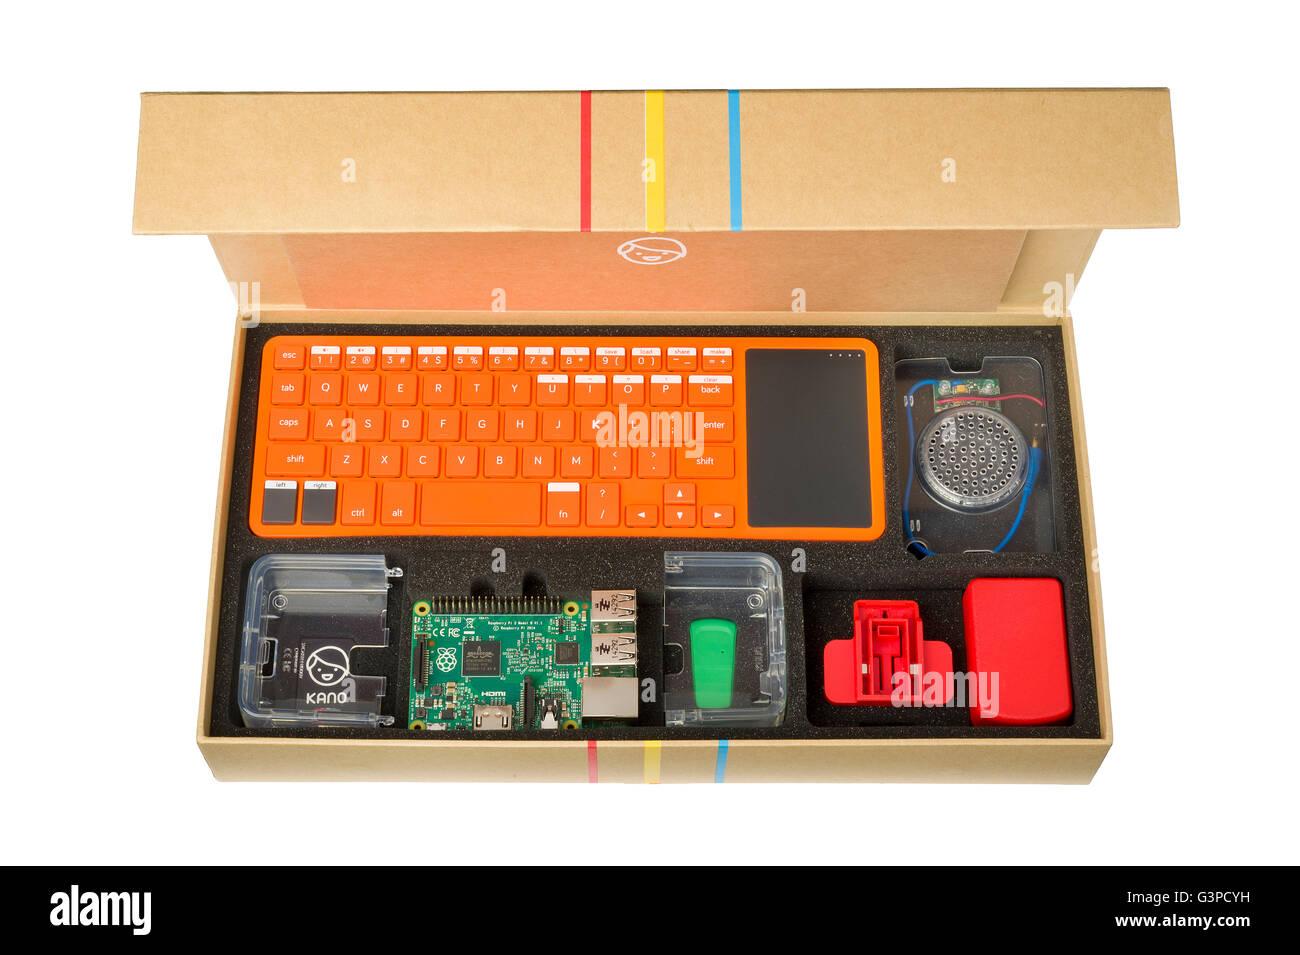 Kano-Computer-Kit in einem Karton. Bauen und code-einen Computer für Kinder Fähigkeiten zu vermitteln. Stockbild